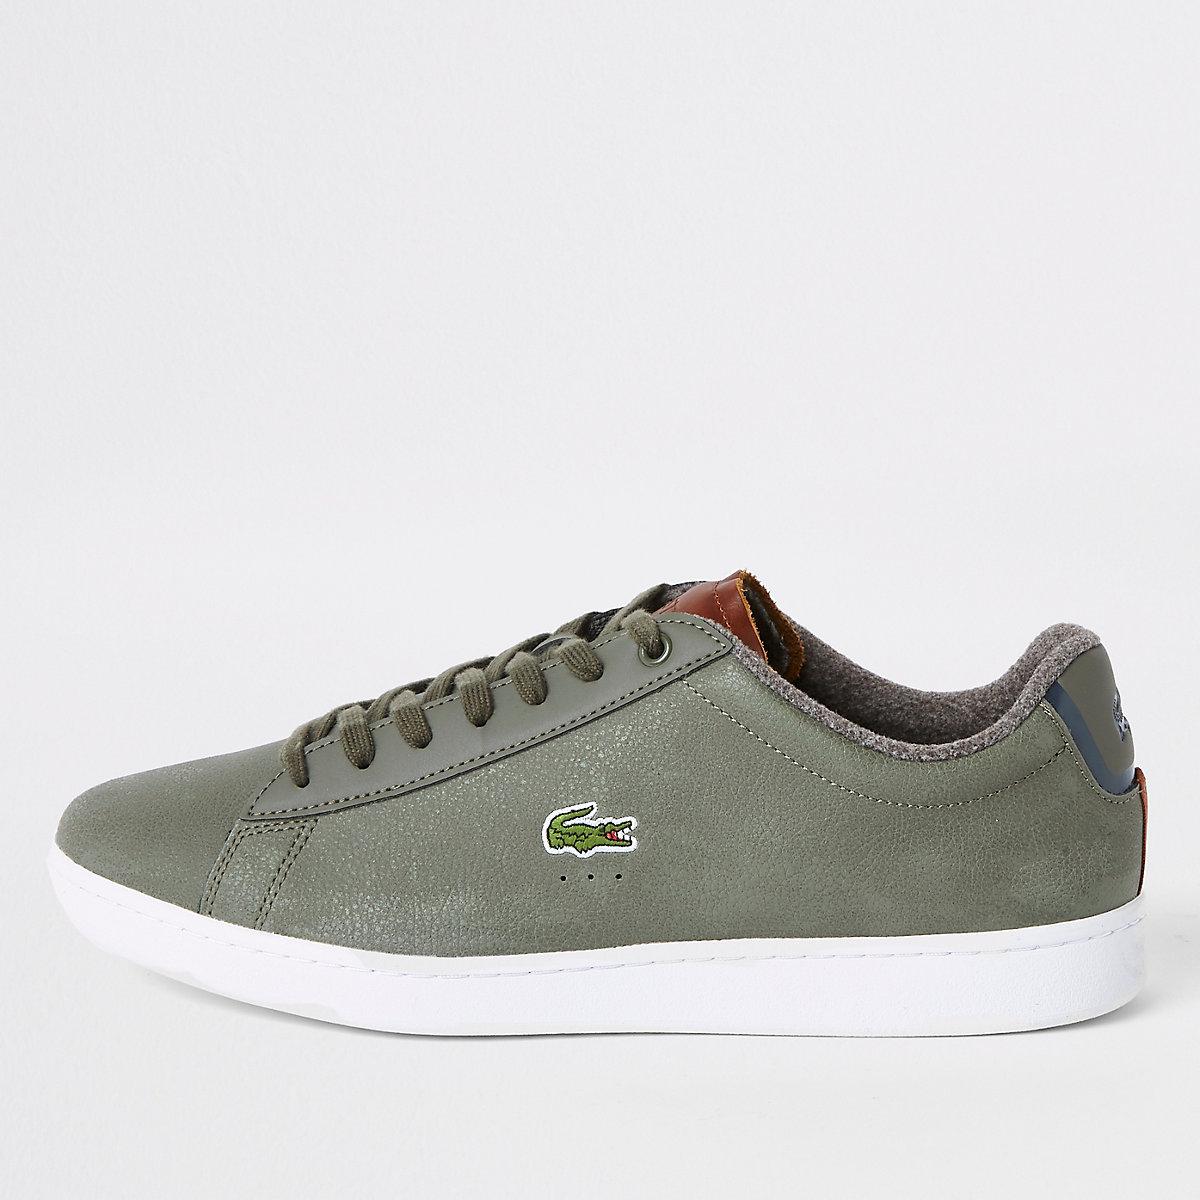 dda16b1815d Sneakers Schoenen Leren Vetersneakers Lacoste Groene Laarzen amp; IxtqI7n